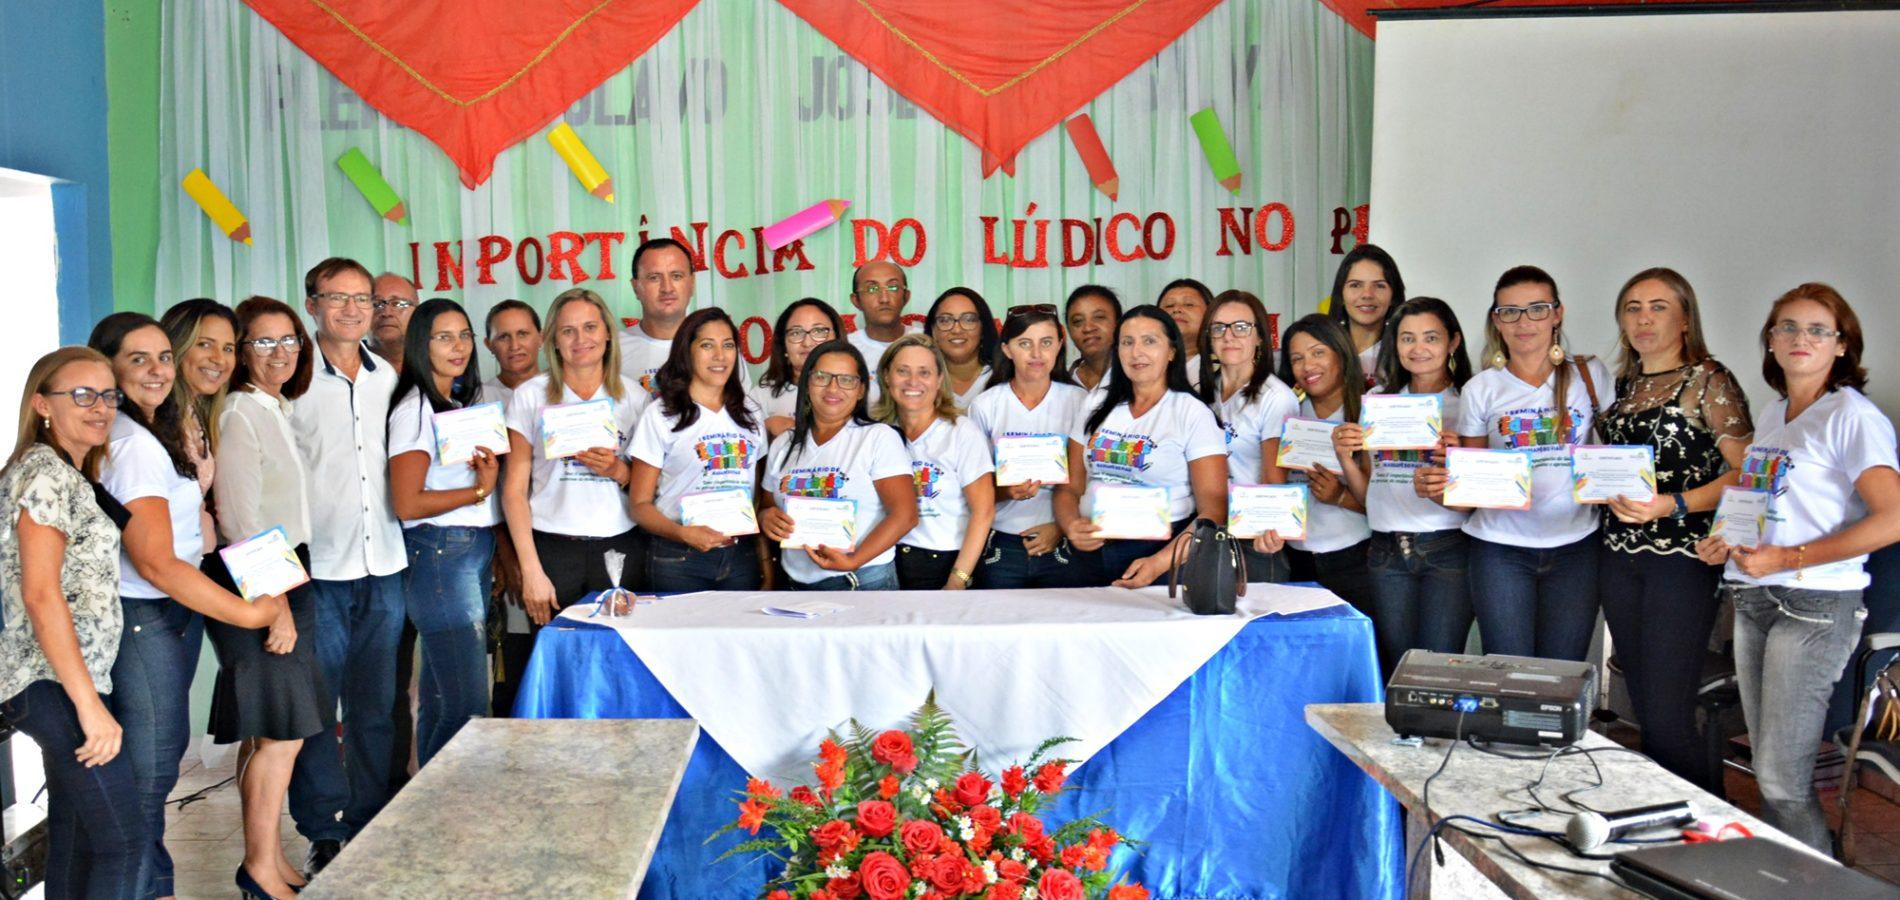 Massapê do Piauí realiza o I Seminário da Educação Infantil e apresenta resultado de projeto voluntário